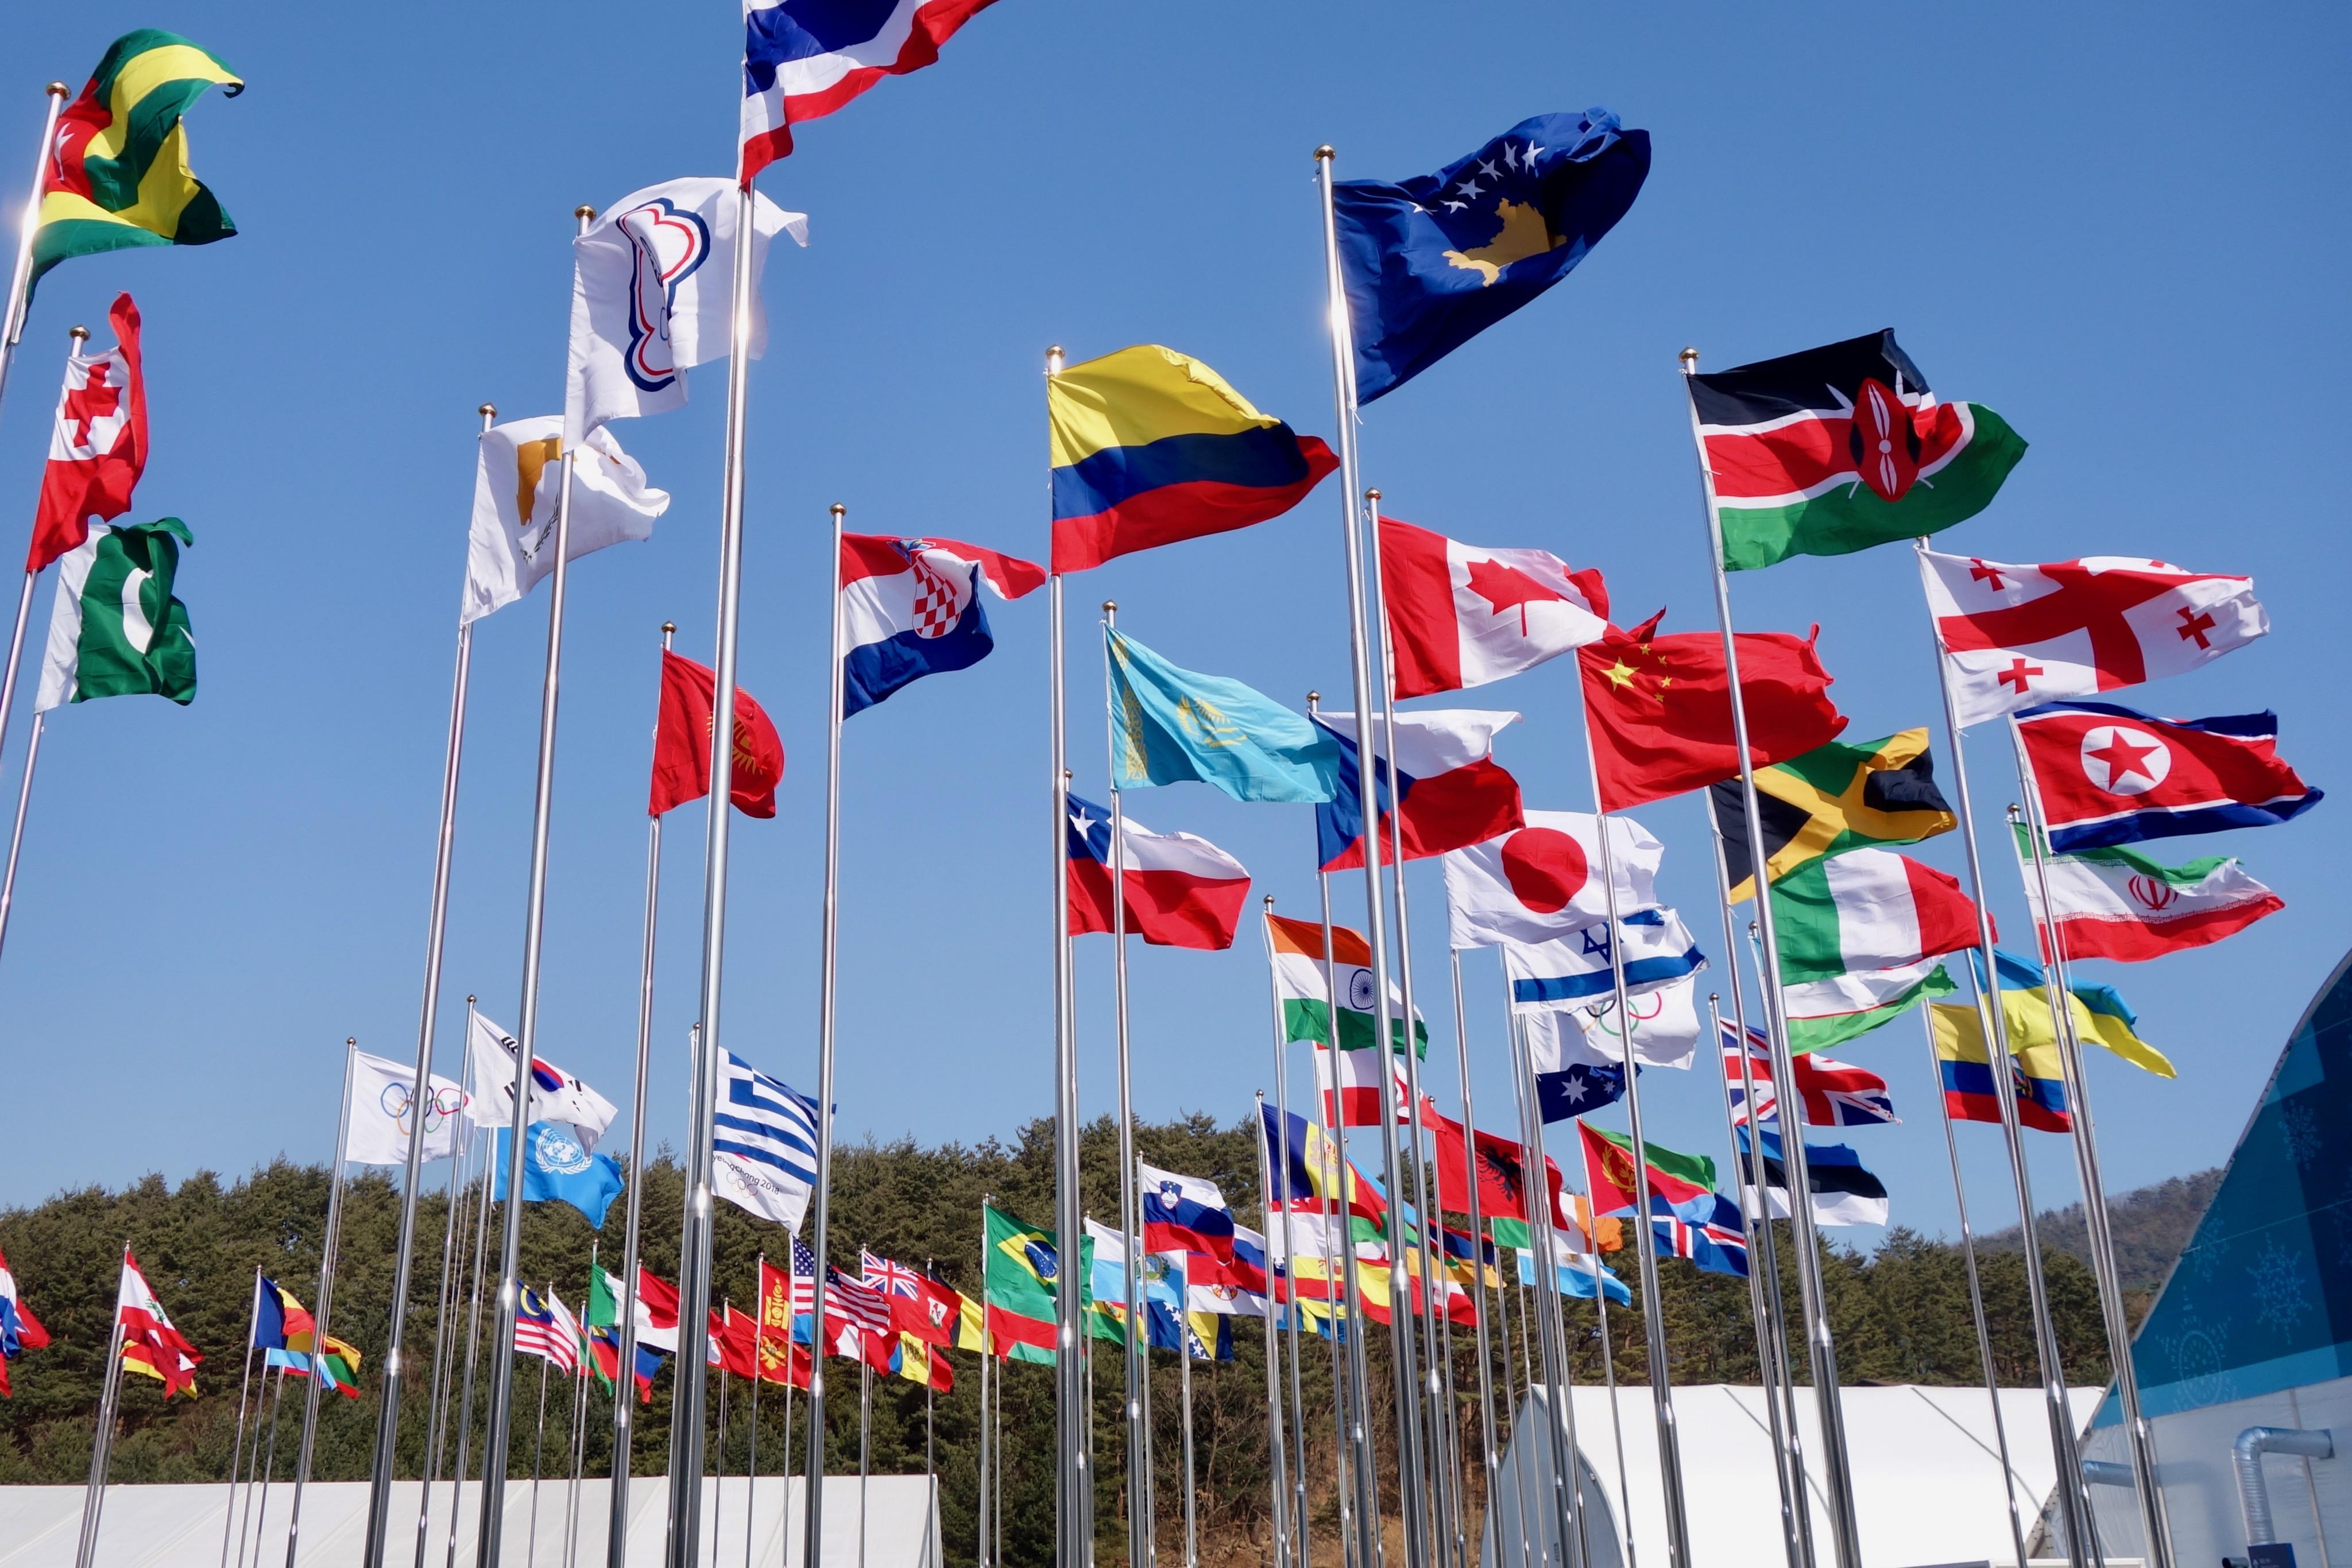 Les drapeaux flottent dans le village olympiques.